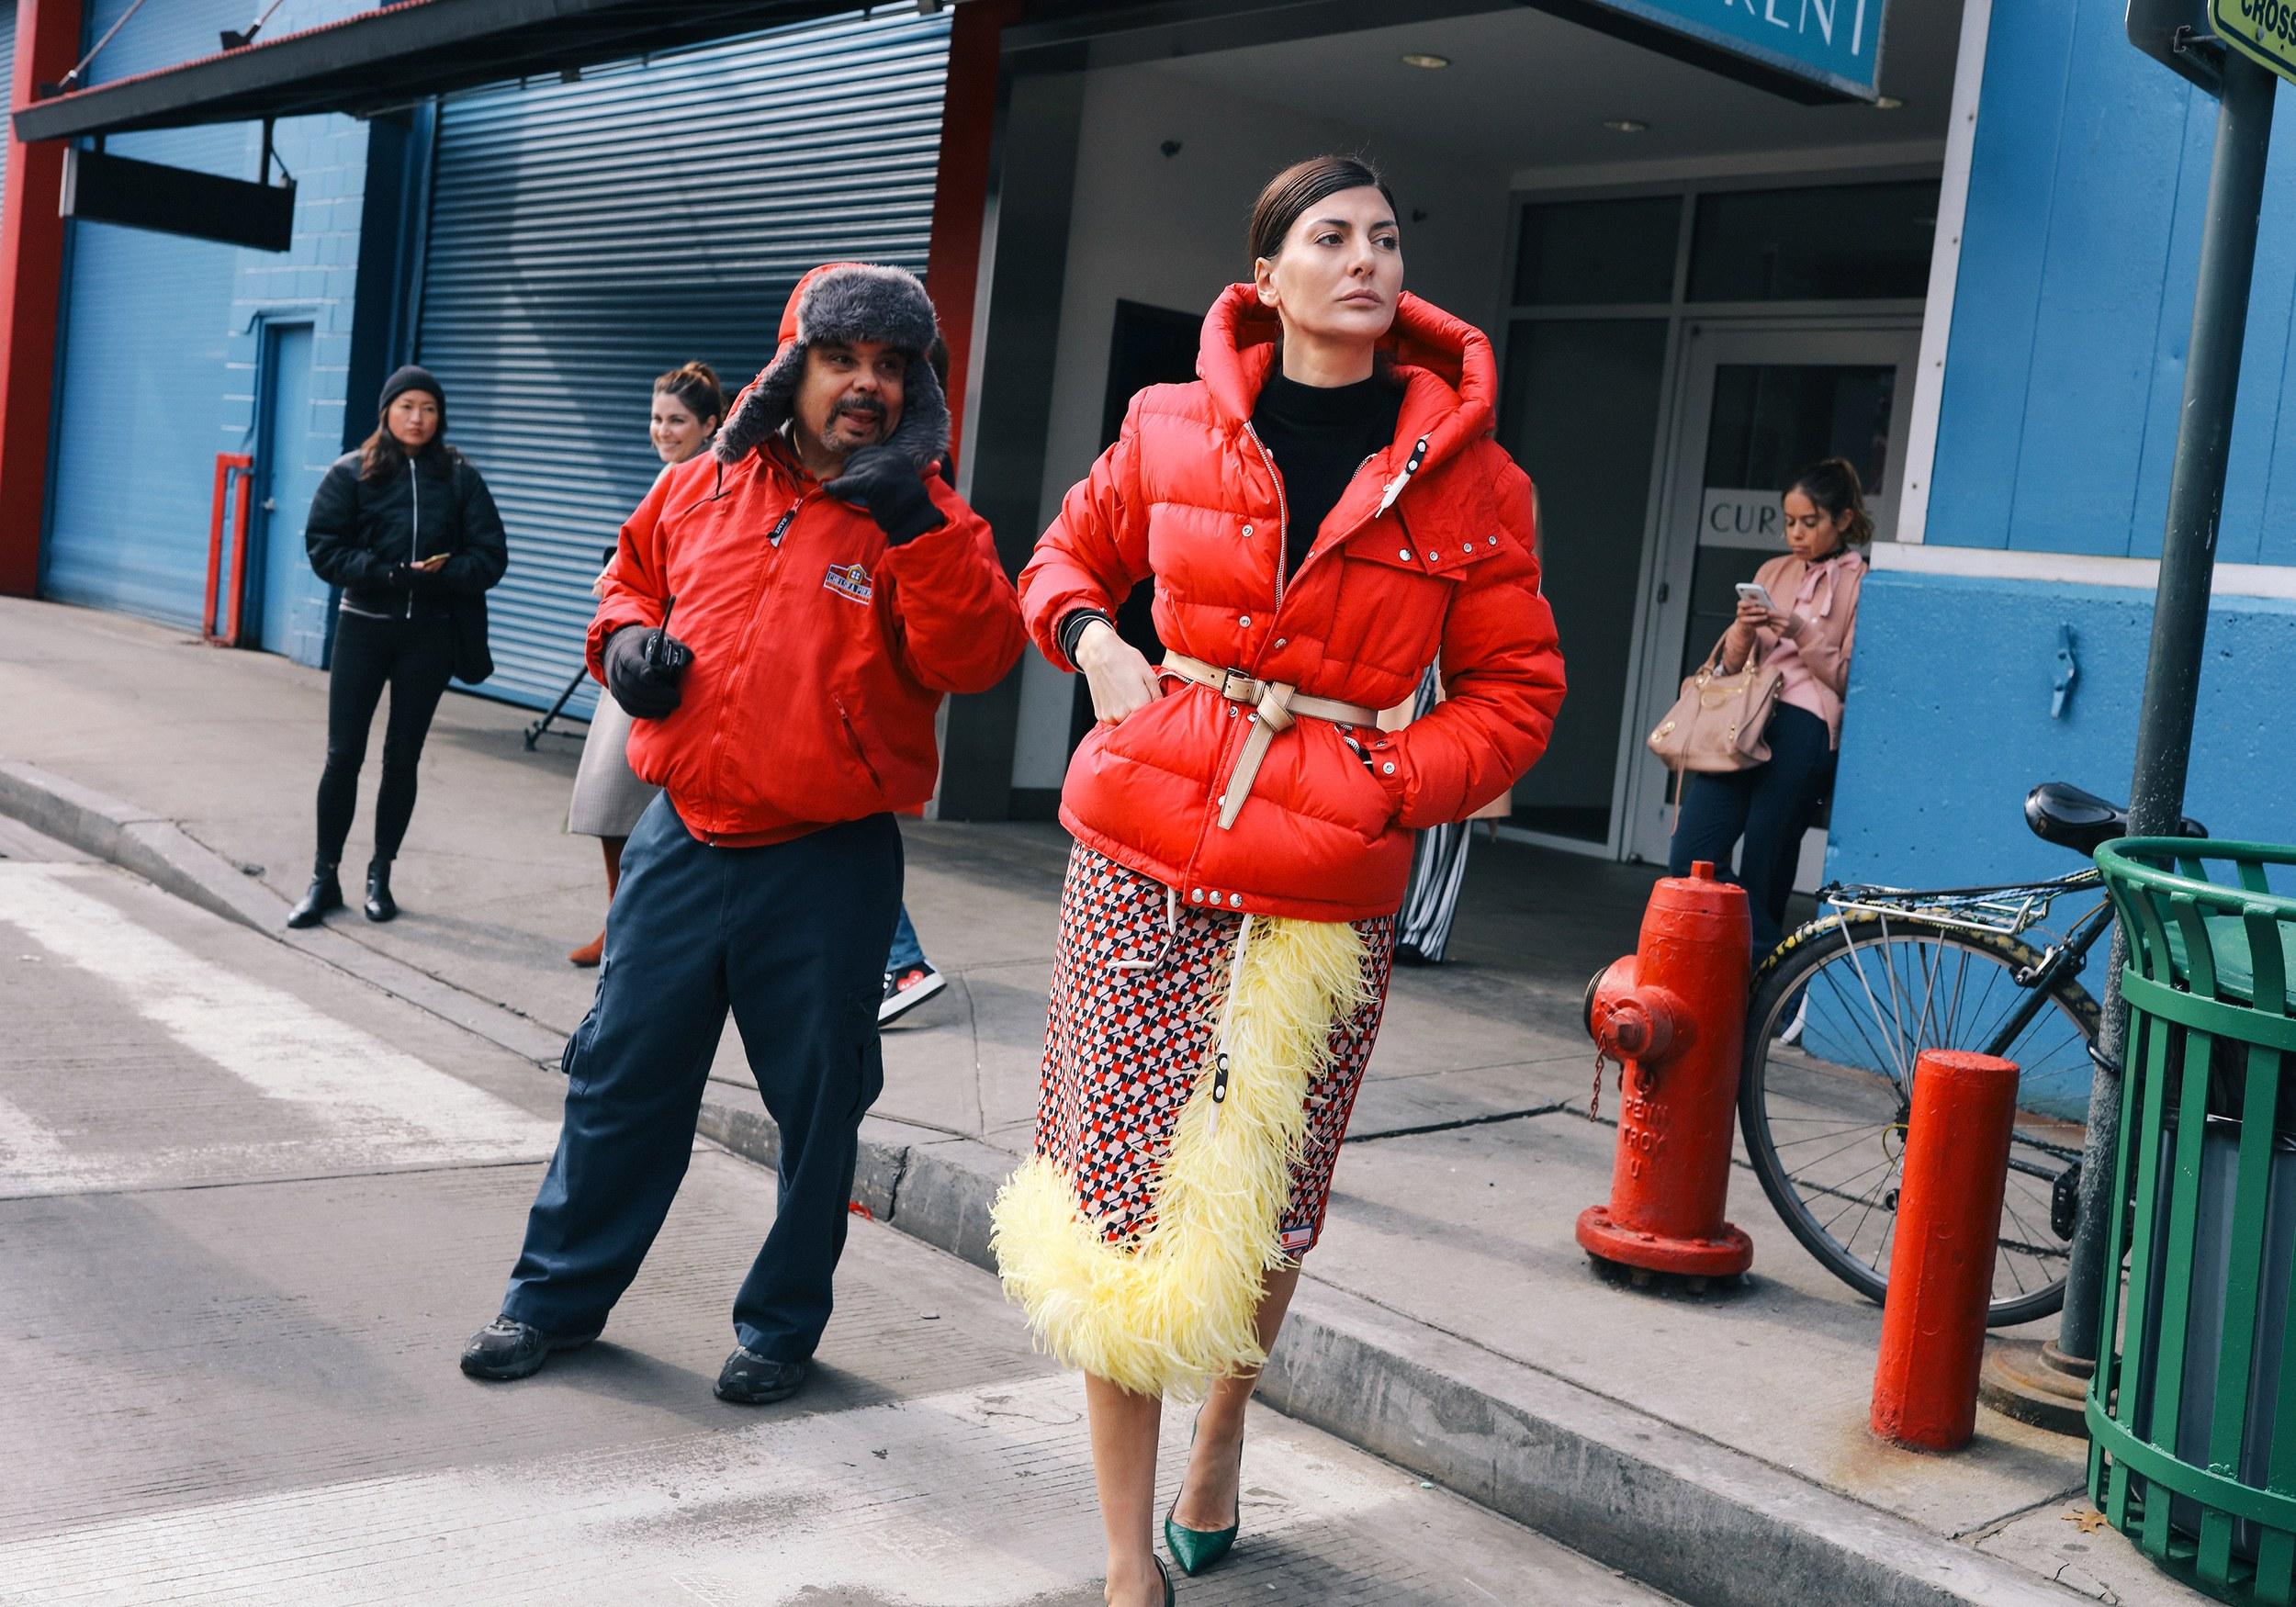 Chiêm ngưỡng đặc sản street style đẹp khó rời mắt tại Tuần lễ thời trang New York - Ảnh 3.